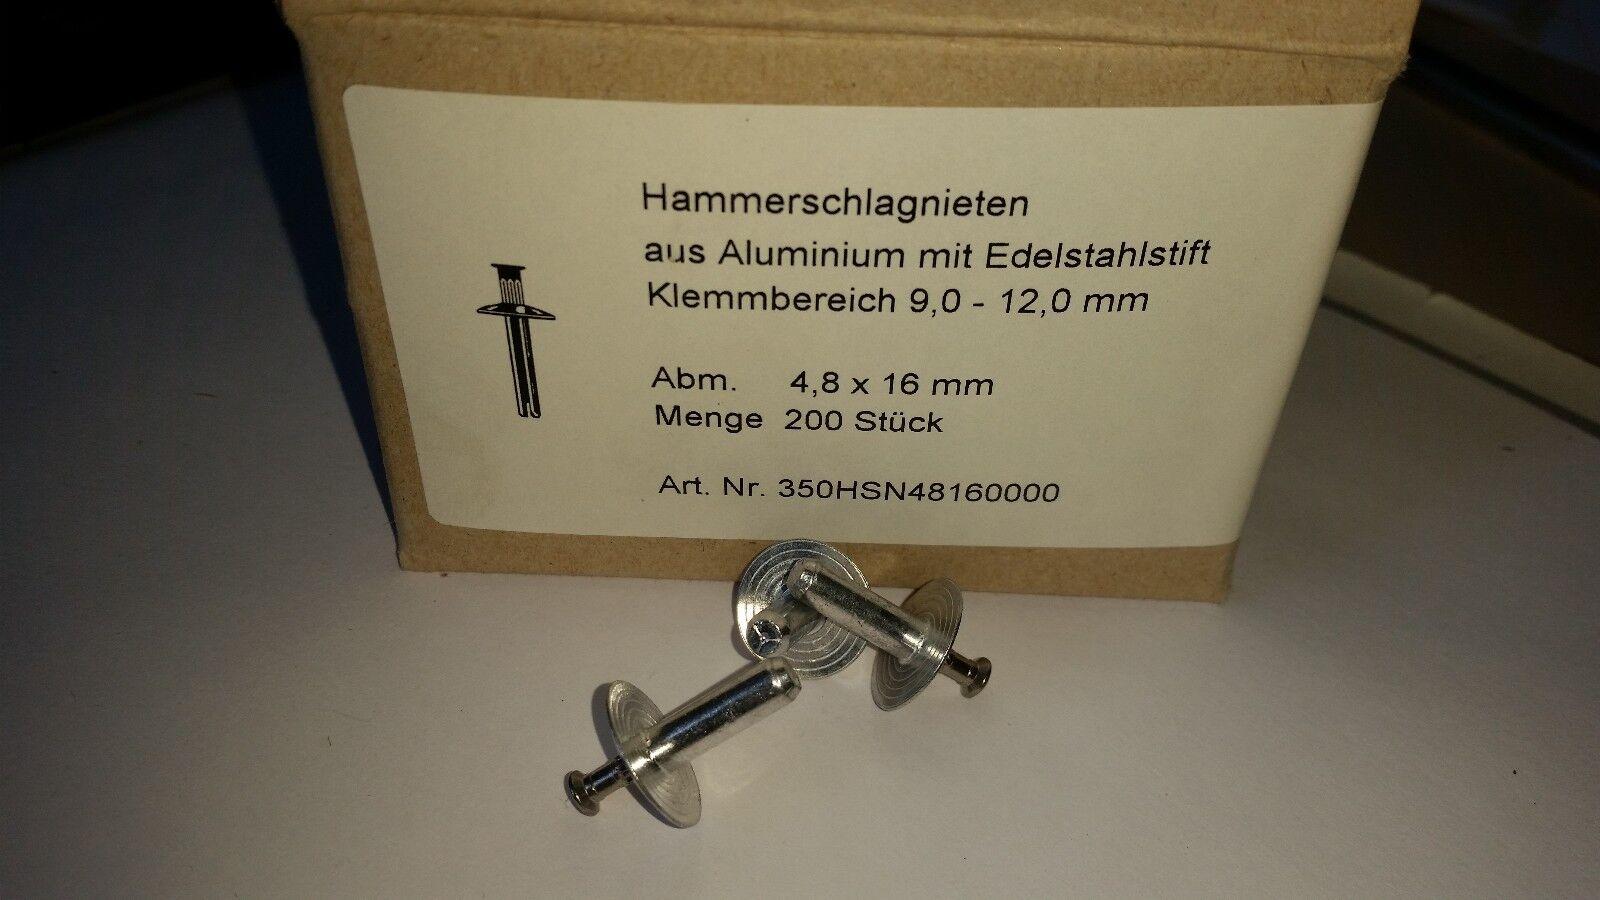 Hammerschlagnieten Alu A2 4,8 x 16 mm Flachrundkopf